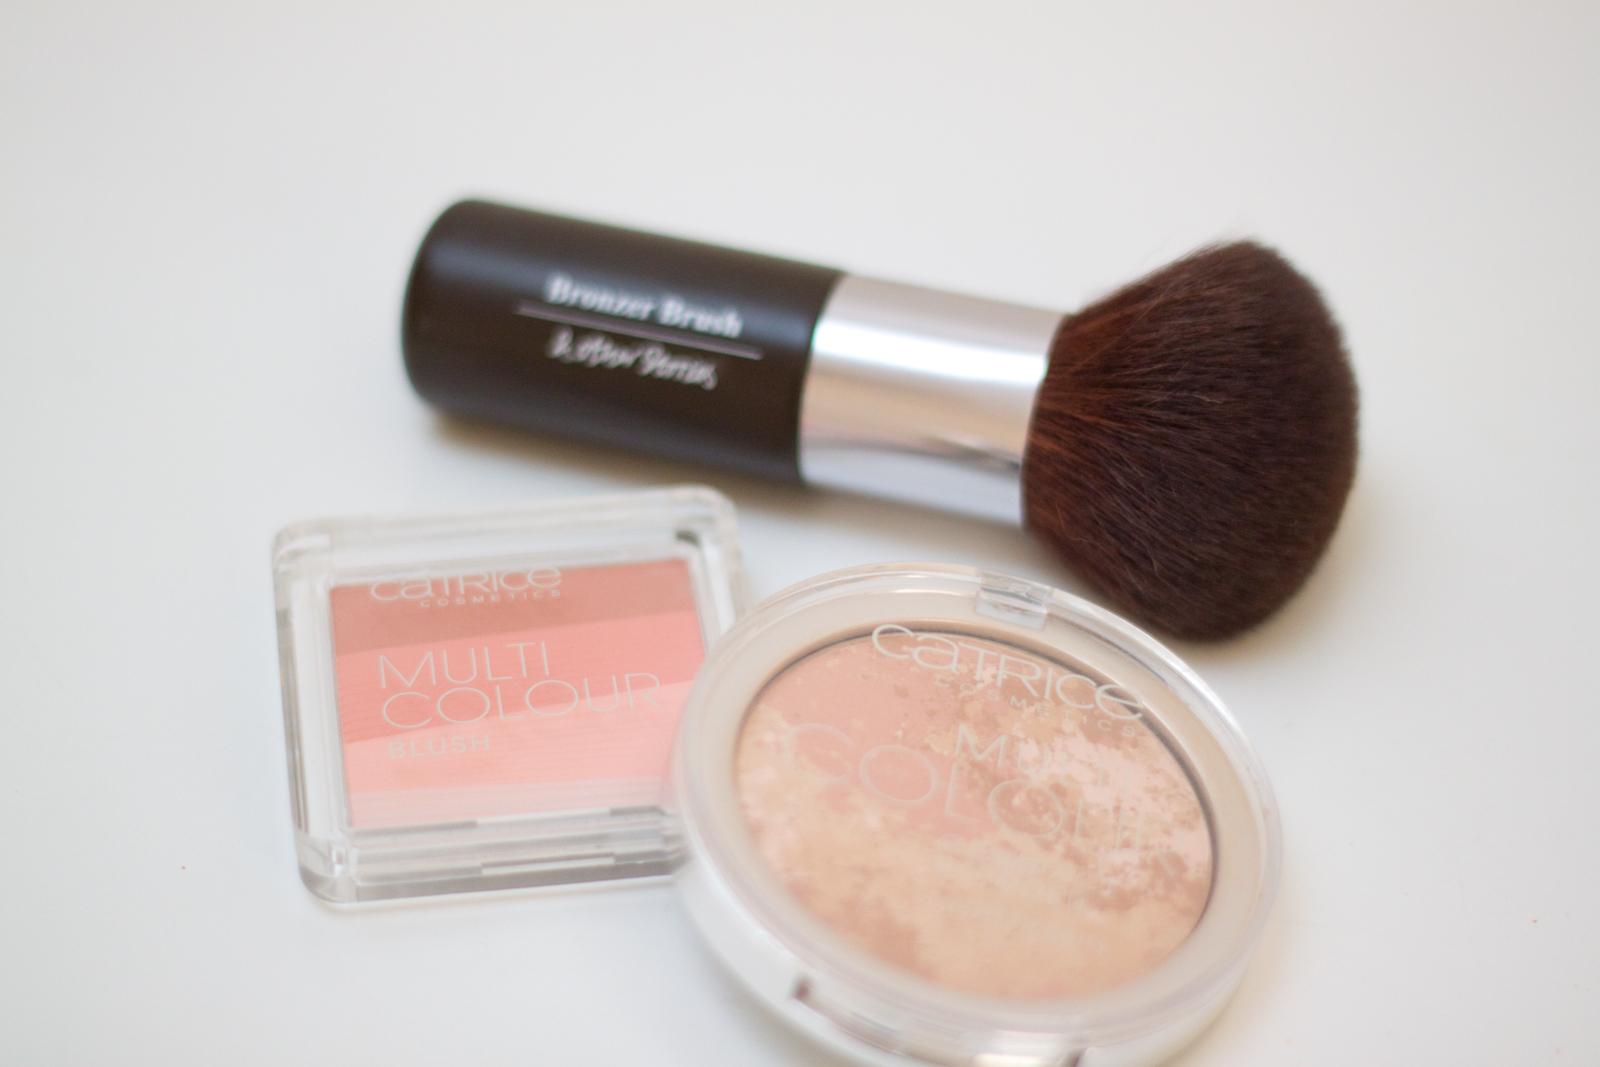 Catrice makeup.jpg